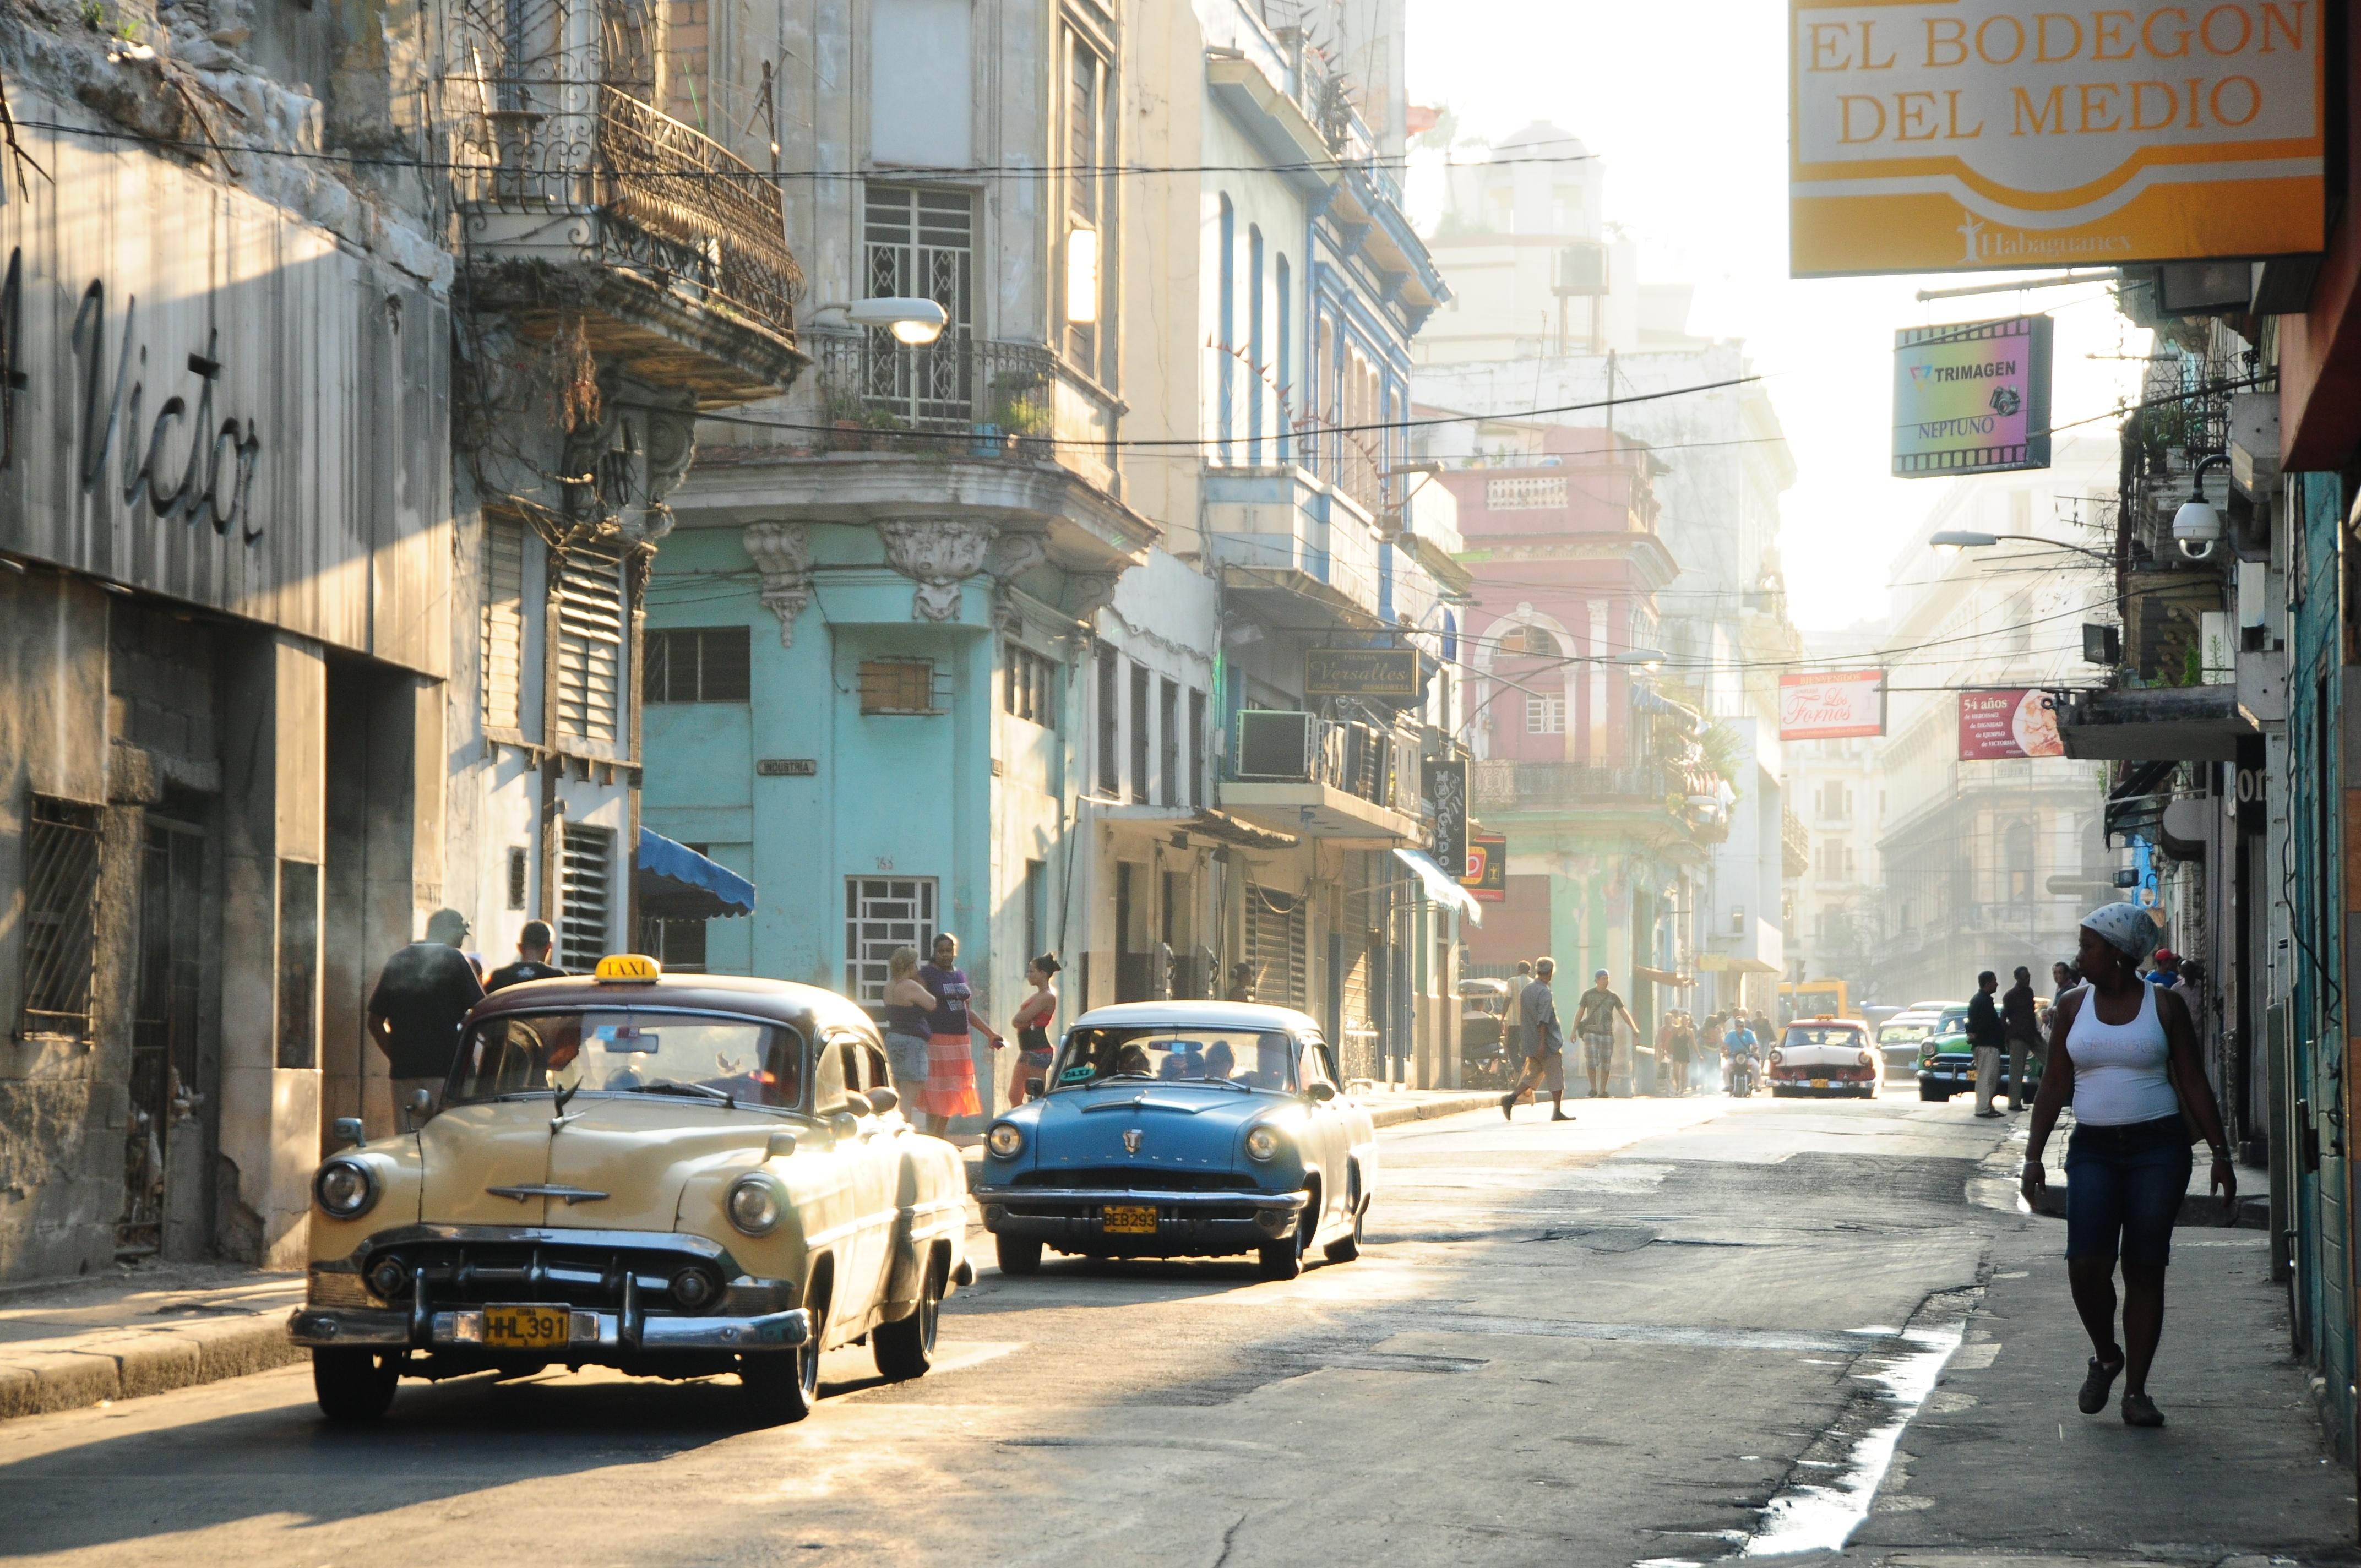 赴一次老爷车巡礼 – La Habana, Cuba